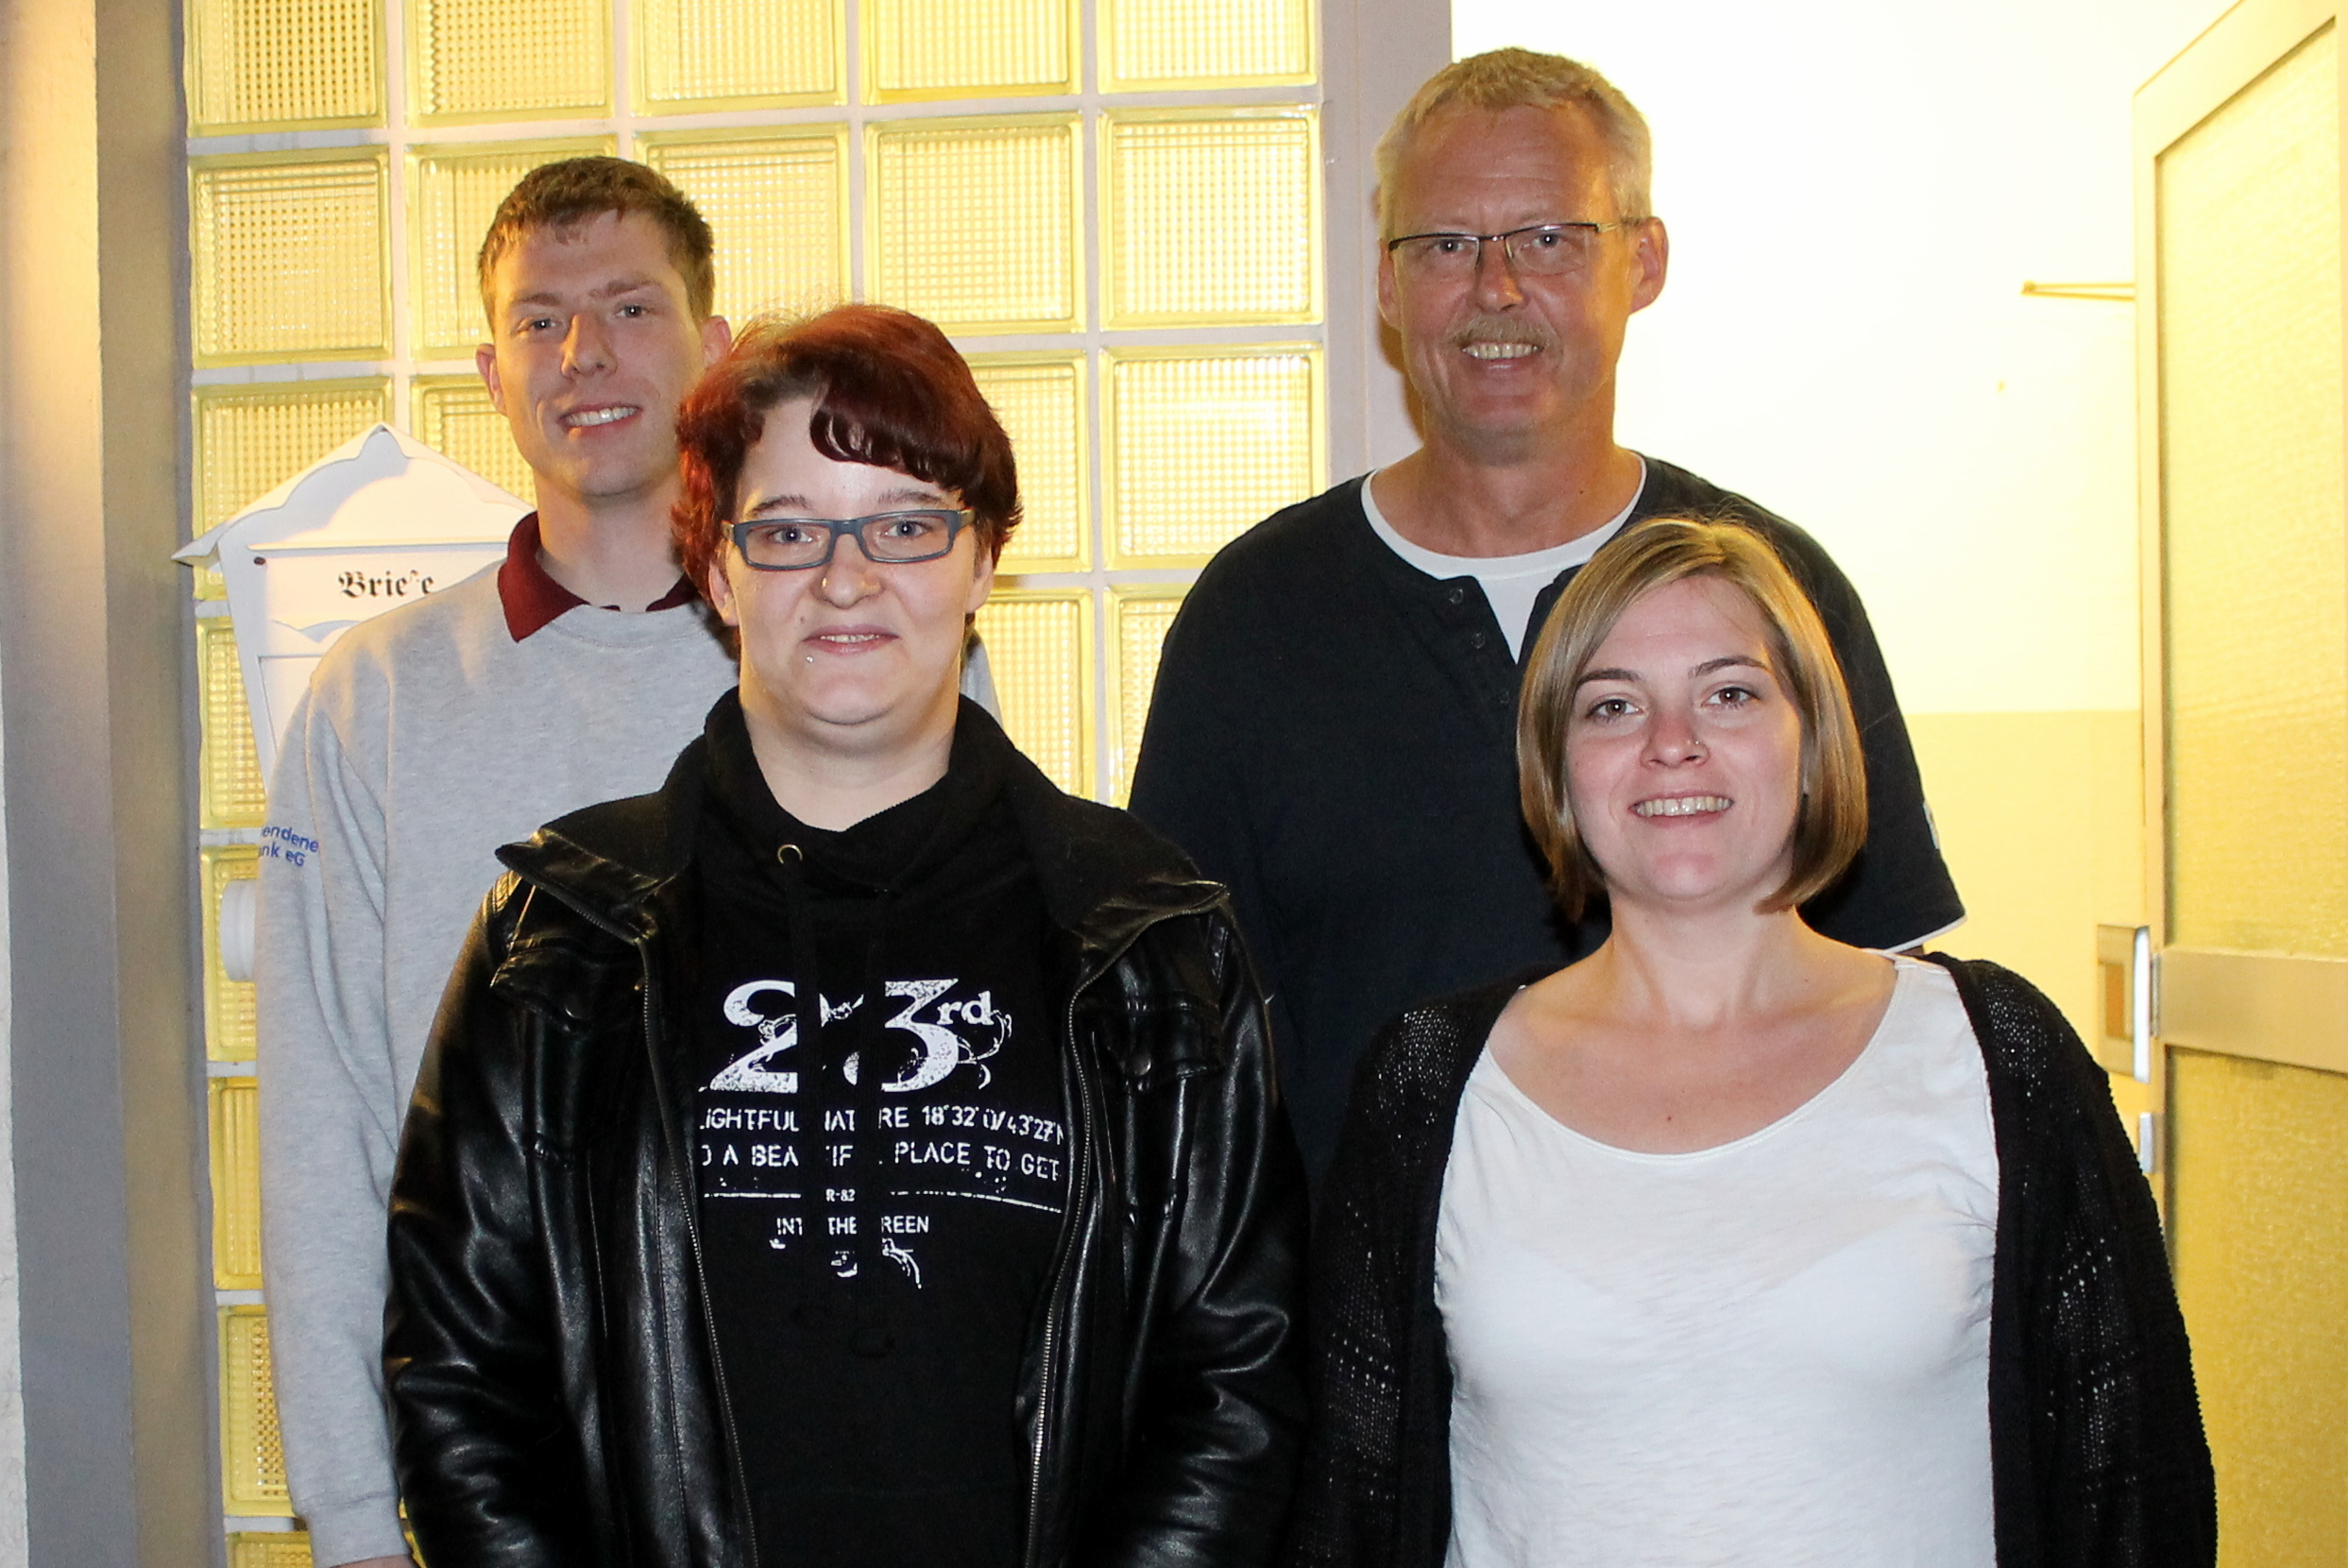 (Jugendvorstand BSV Hemer, v.l. Christoph Hoffmann, Nadine Große, Christoph Bürger, Julia Falkenbach)